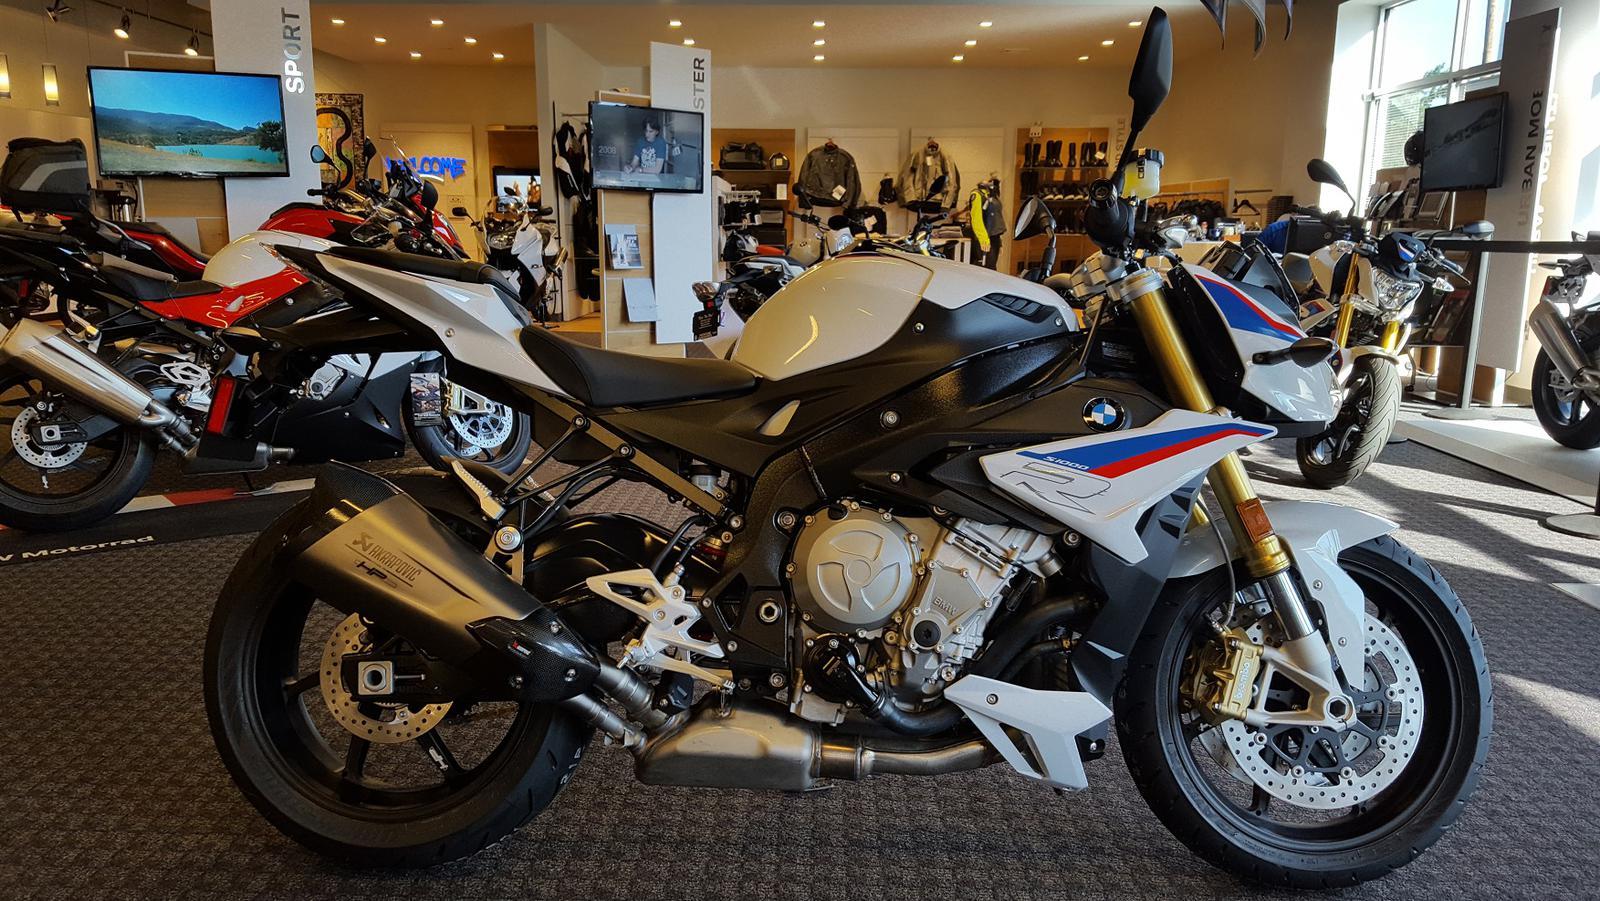 2018 Bmw S1000r For Sale In Salem Va Frontline Eurosports Salem